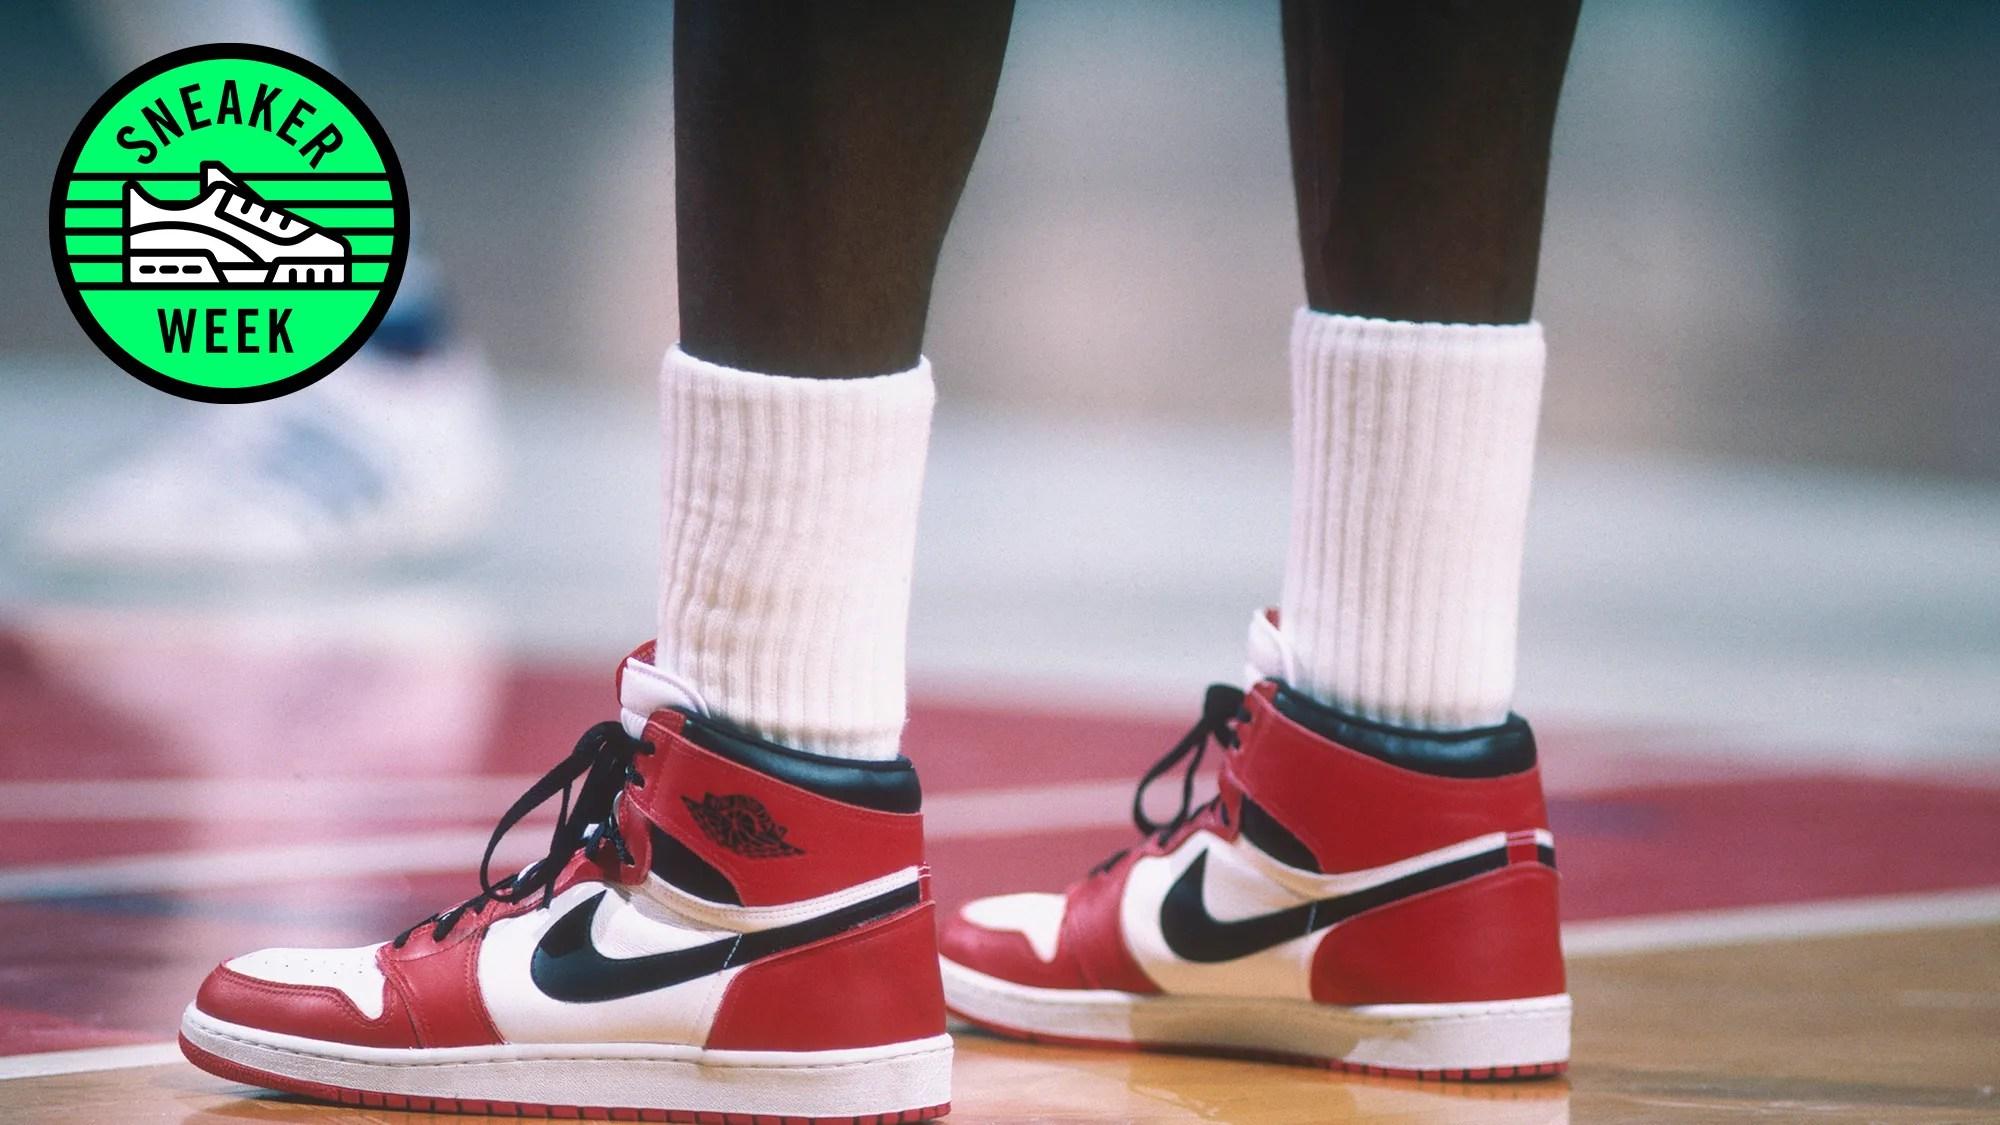 Kid Jordan Shoes